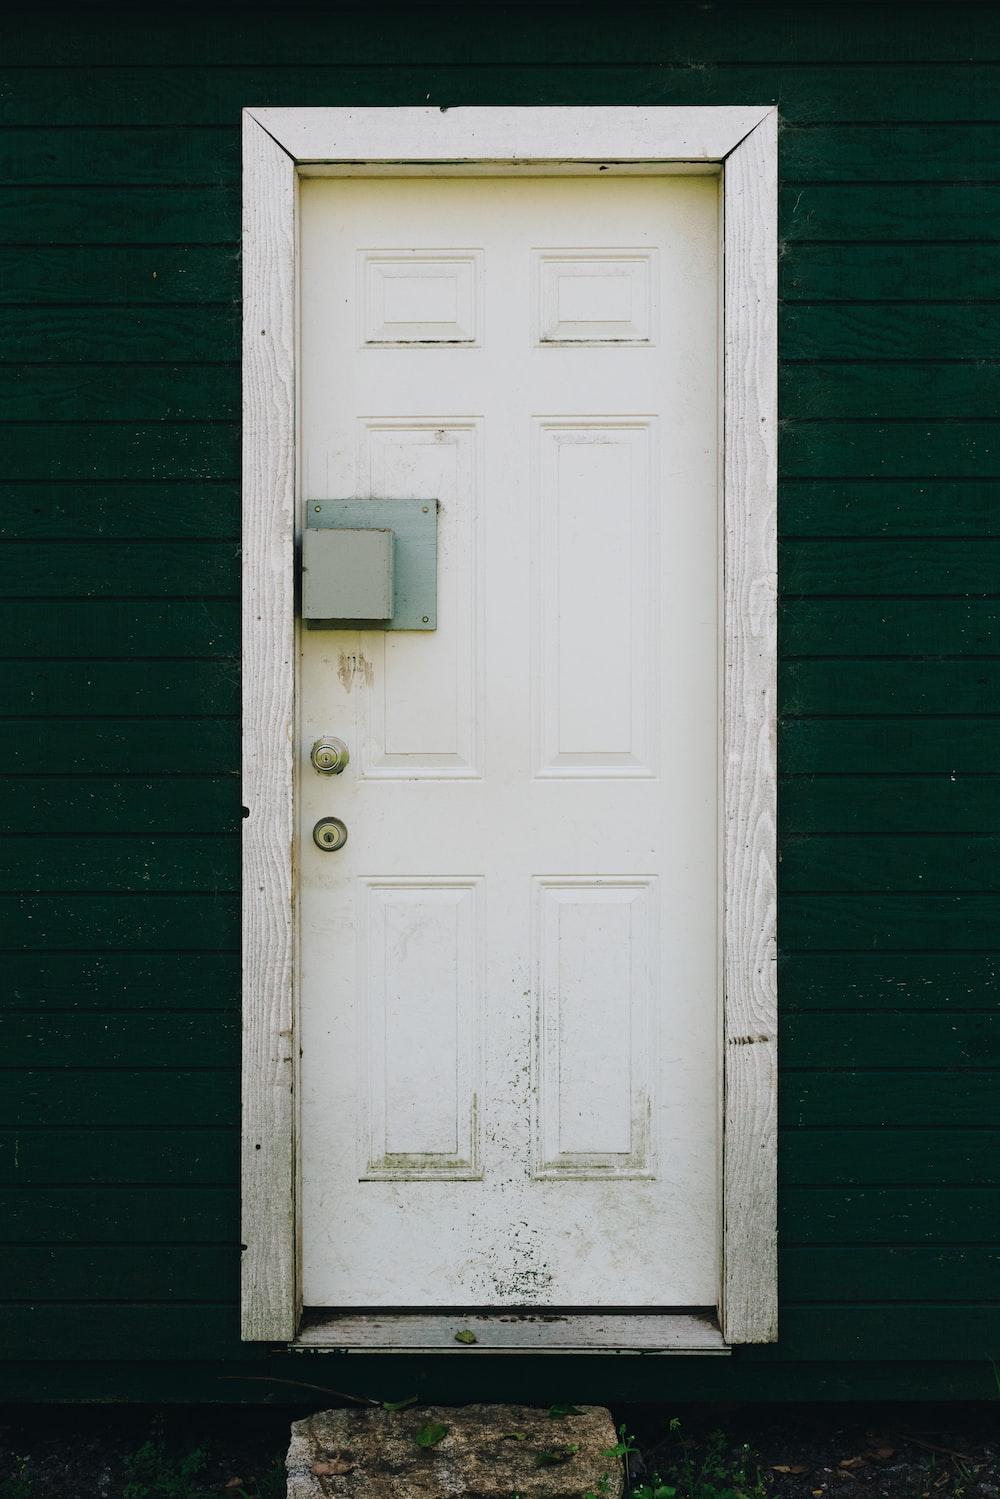 500+ Wood Door Pictures | Download Free Images on Unsplash